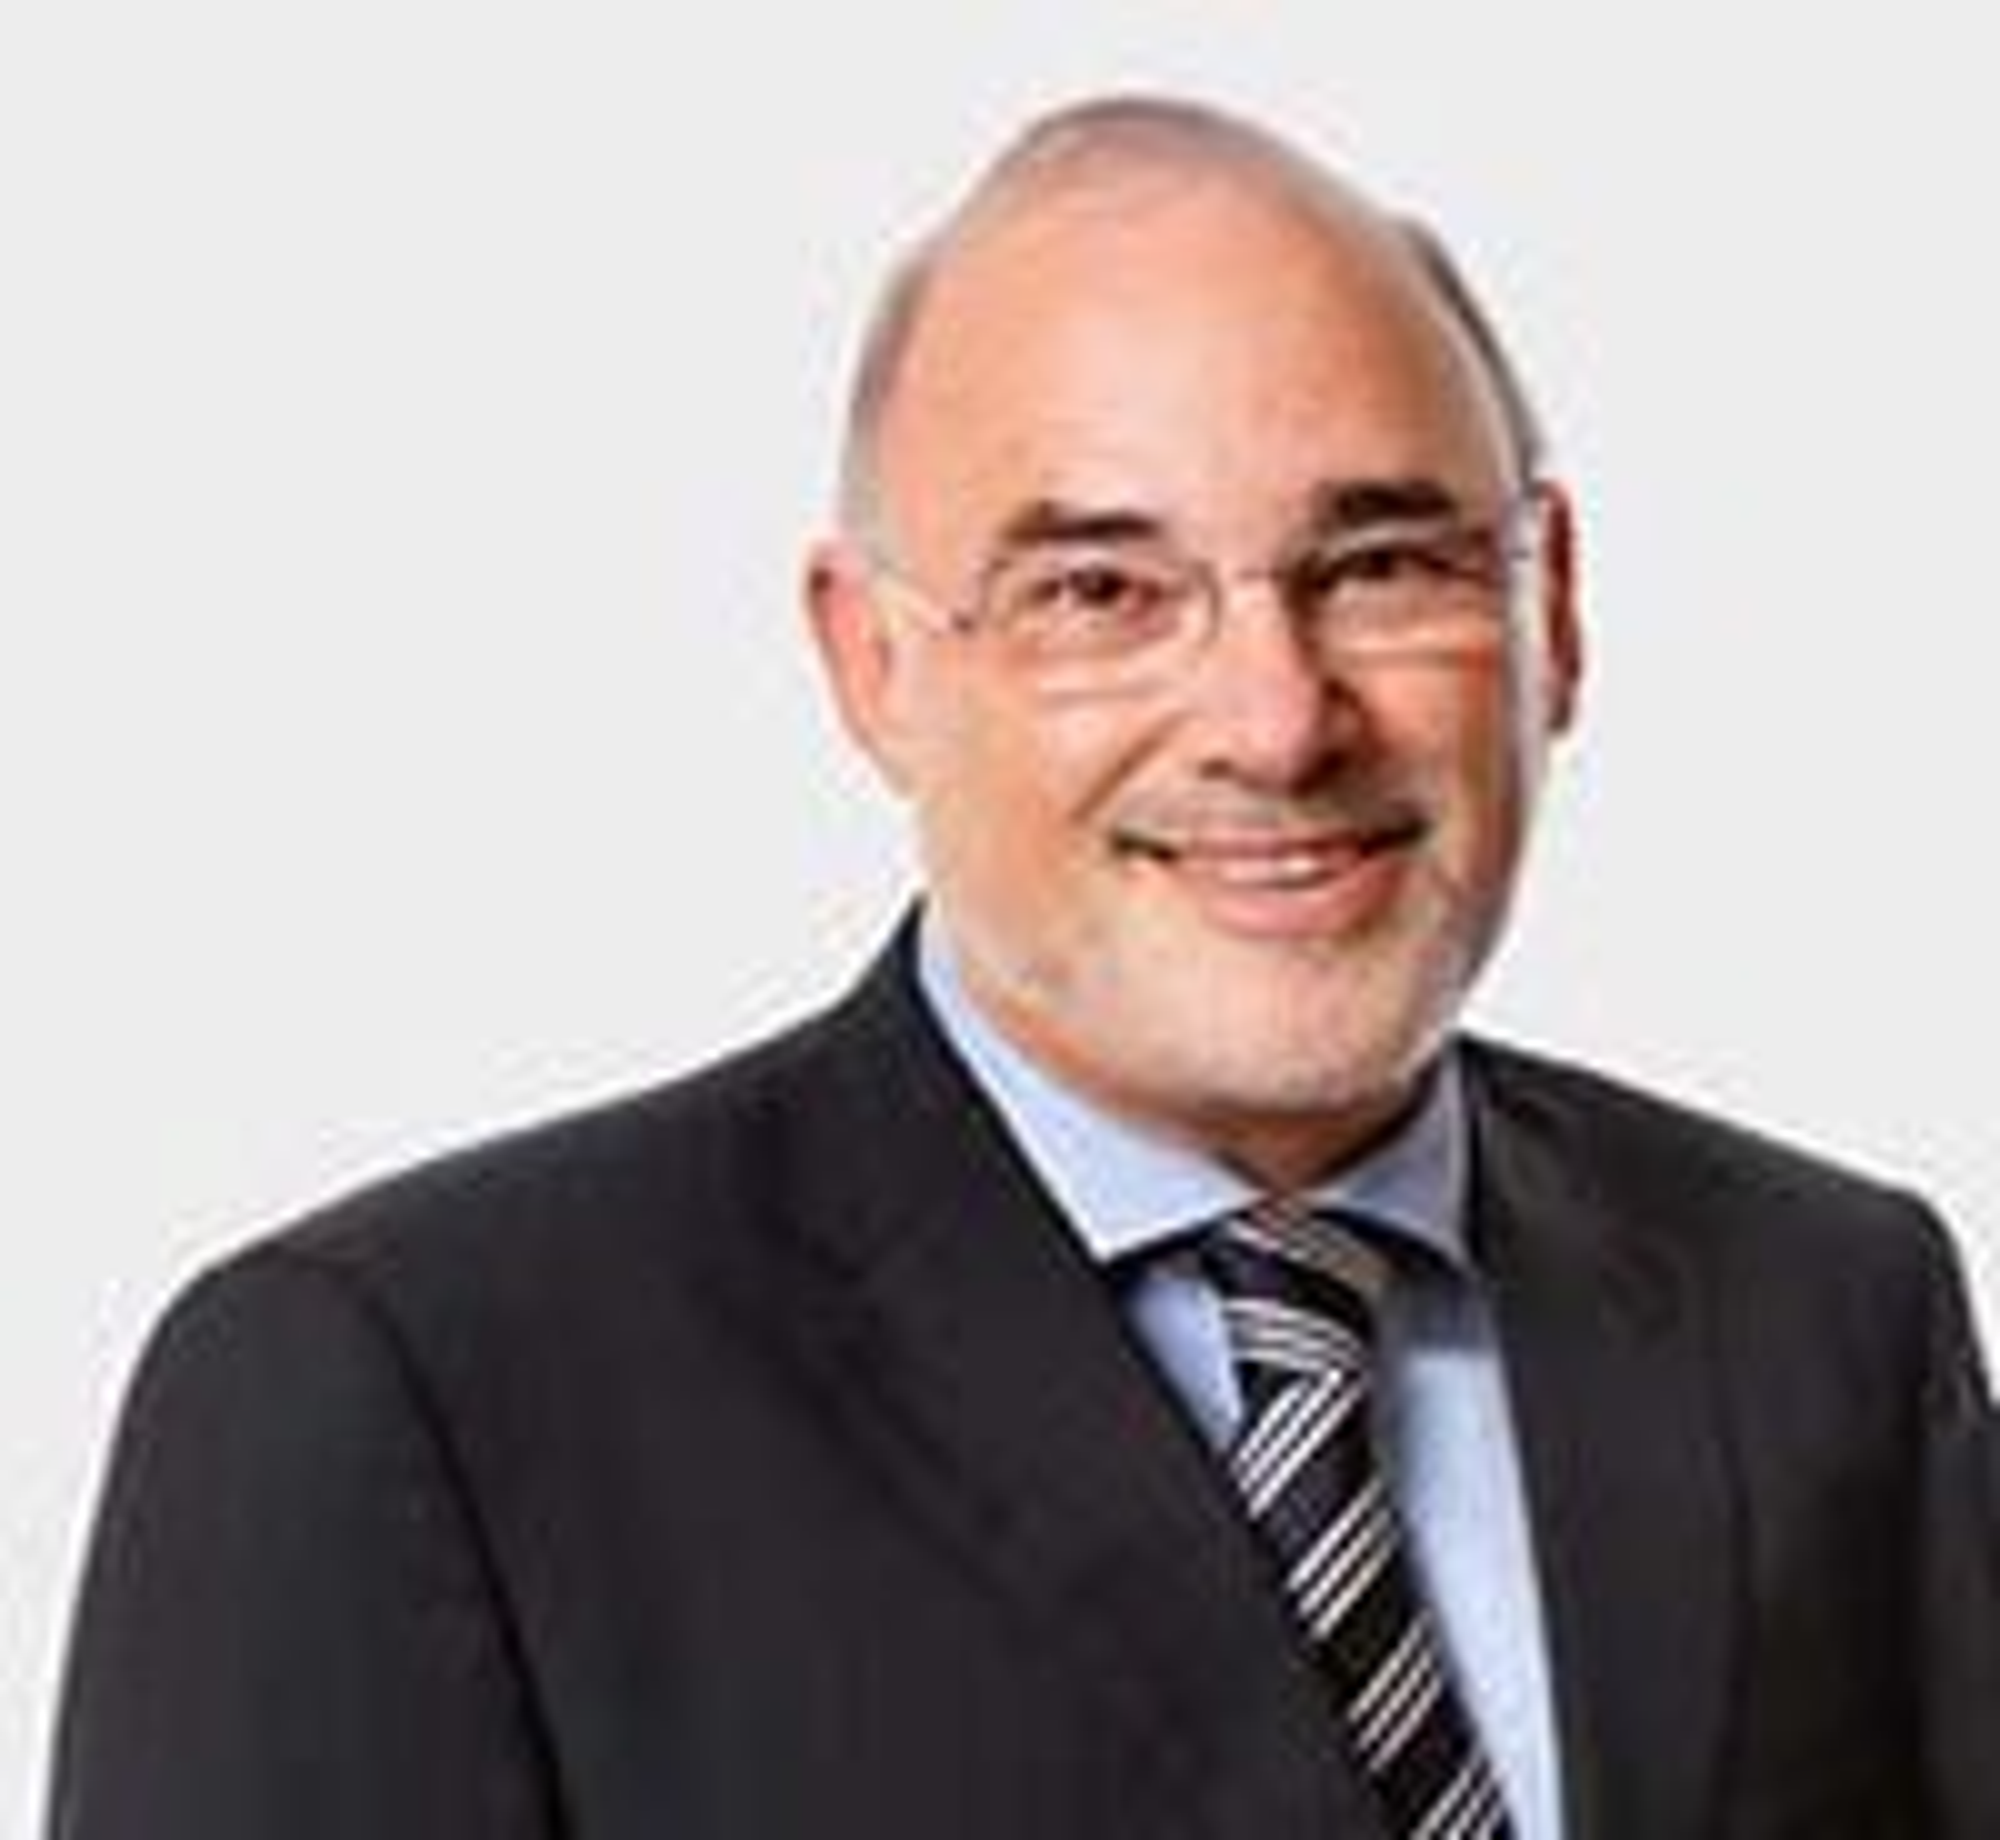 Leo Apotheker fikk bare sju måneder som eneste toppsjef i SAP.